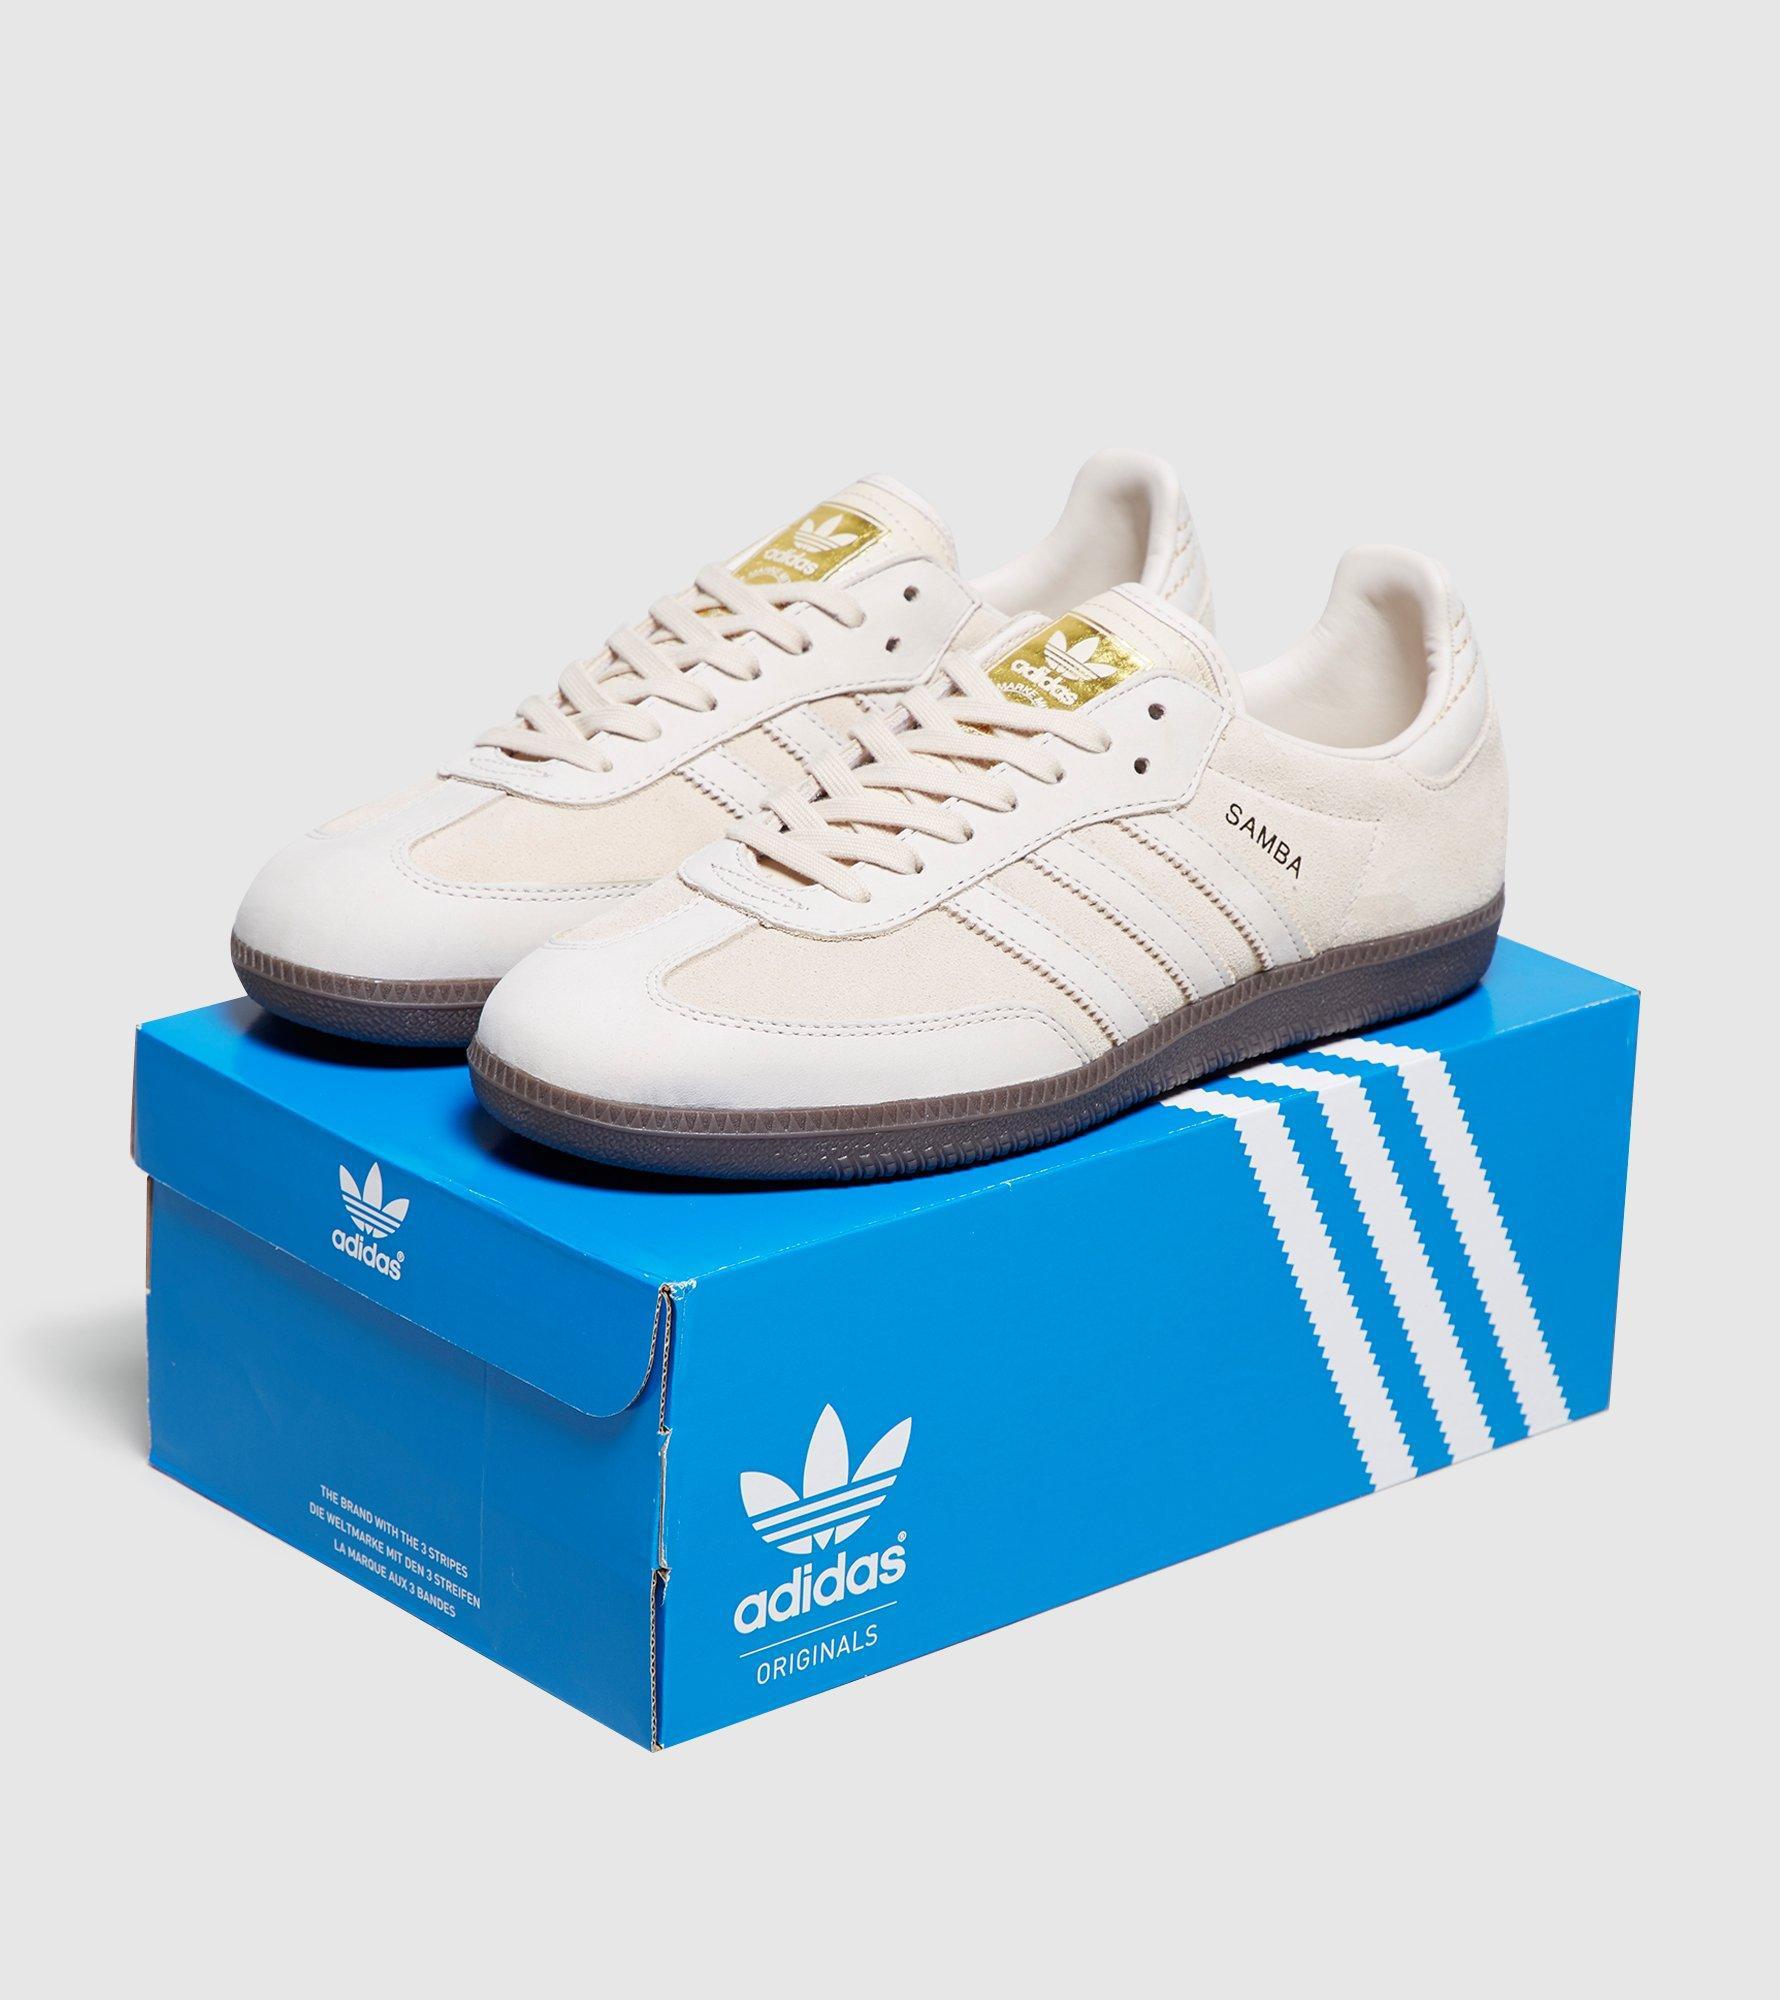 adidas Men's X 19.1 Fg Football Boots, VerlegNarsolBlatiz, 9 UK